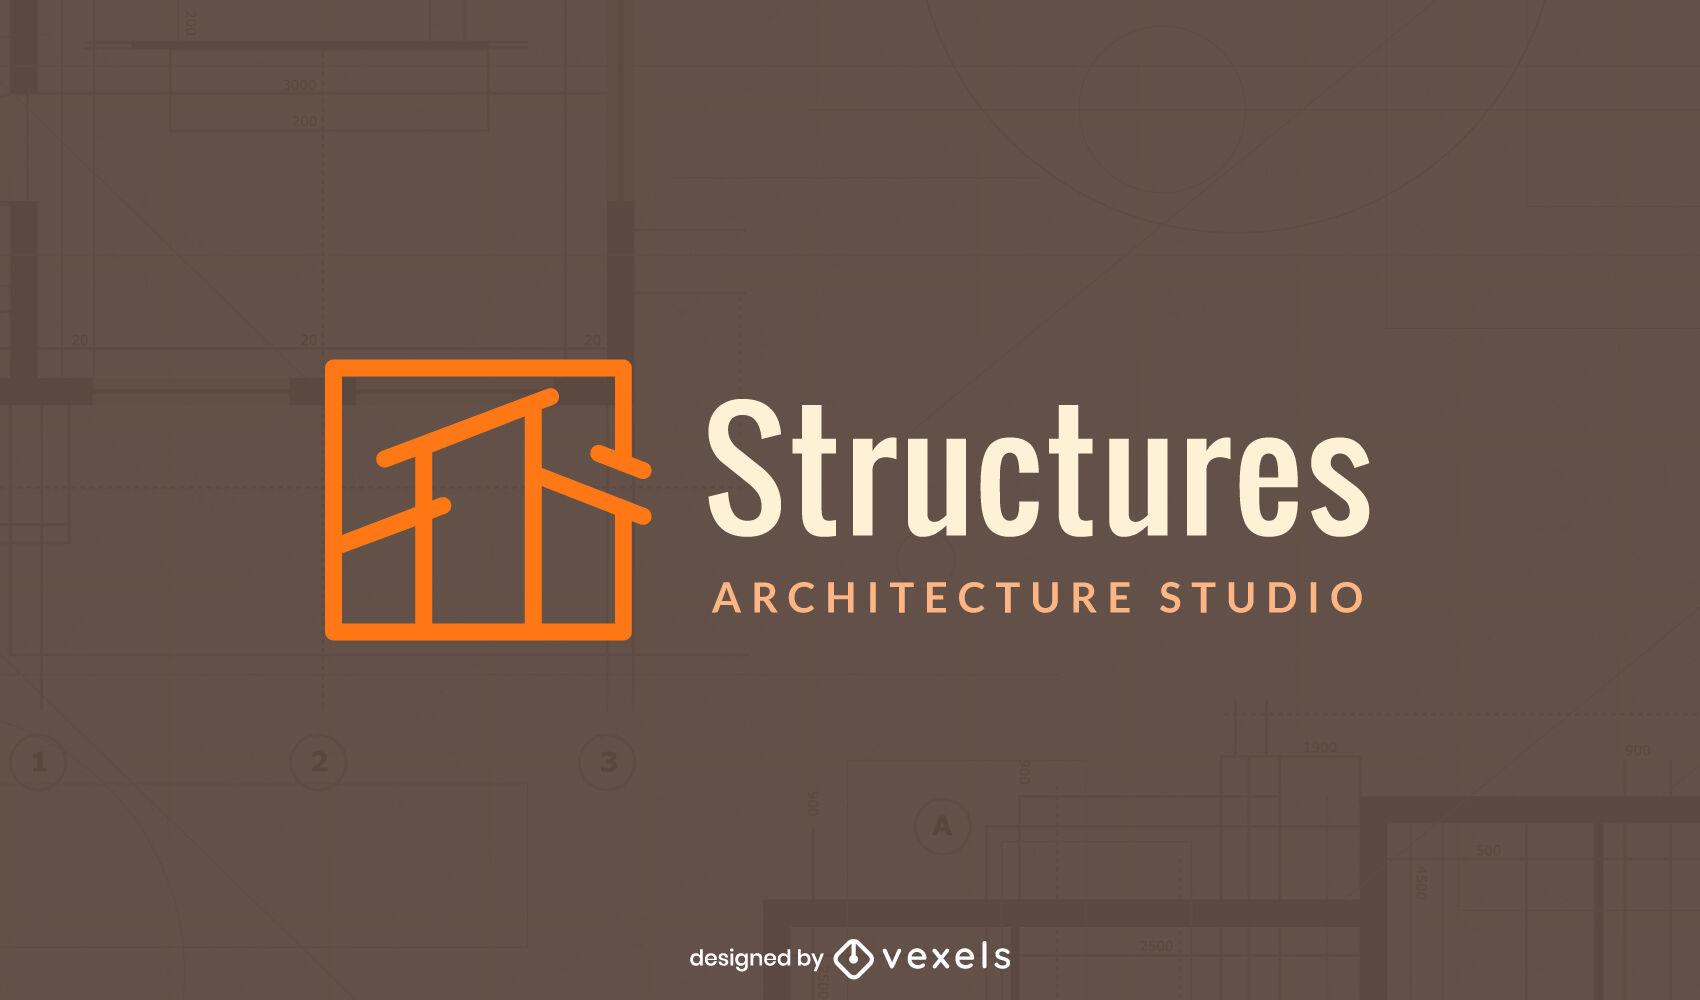 Logotipo da estrutura da Stroke House